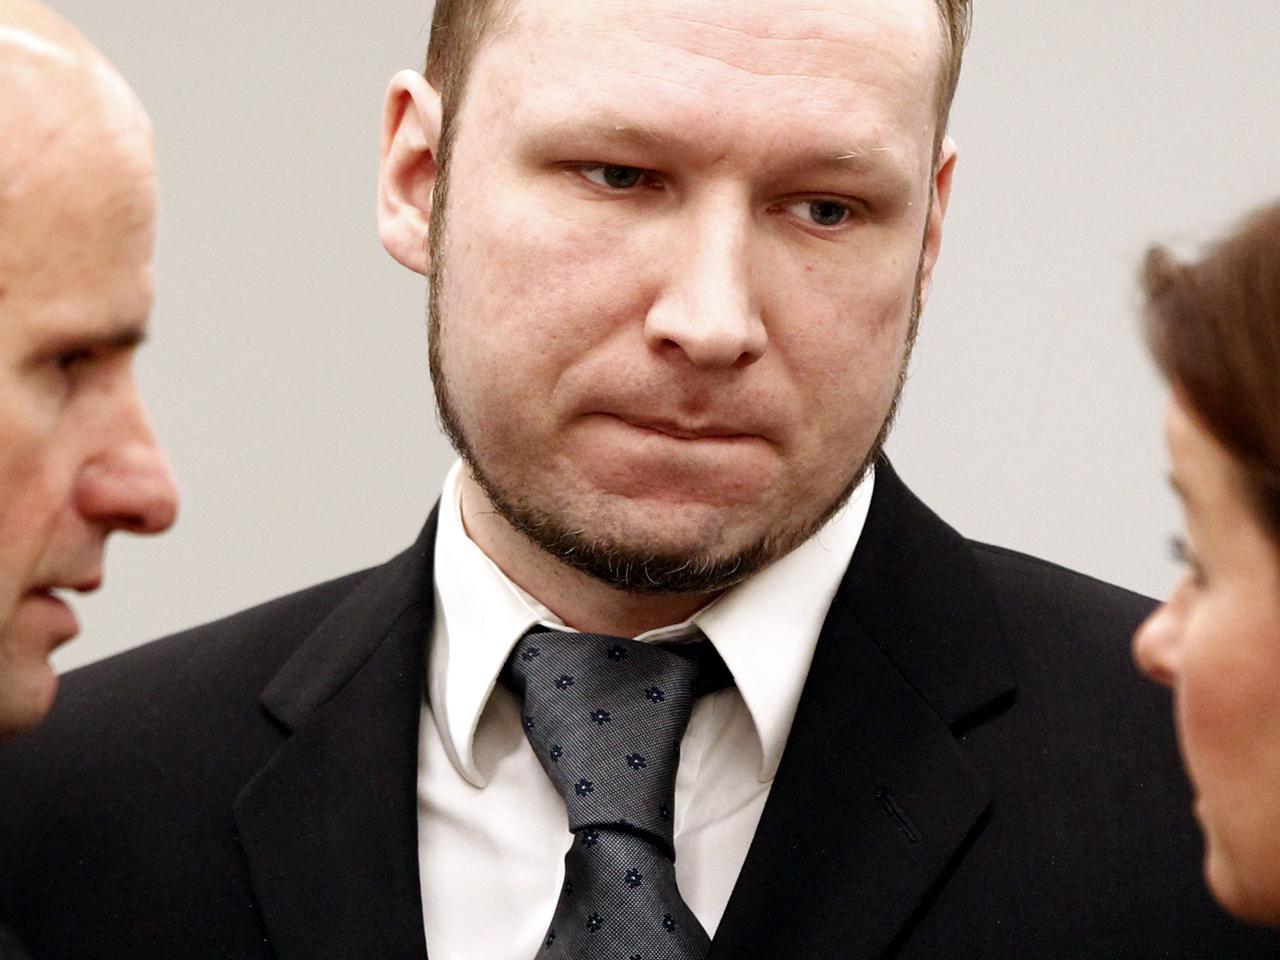 Anders behring breivik agree, rather